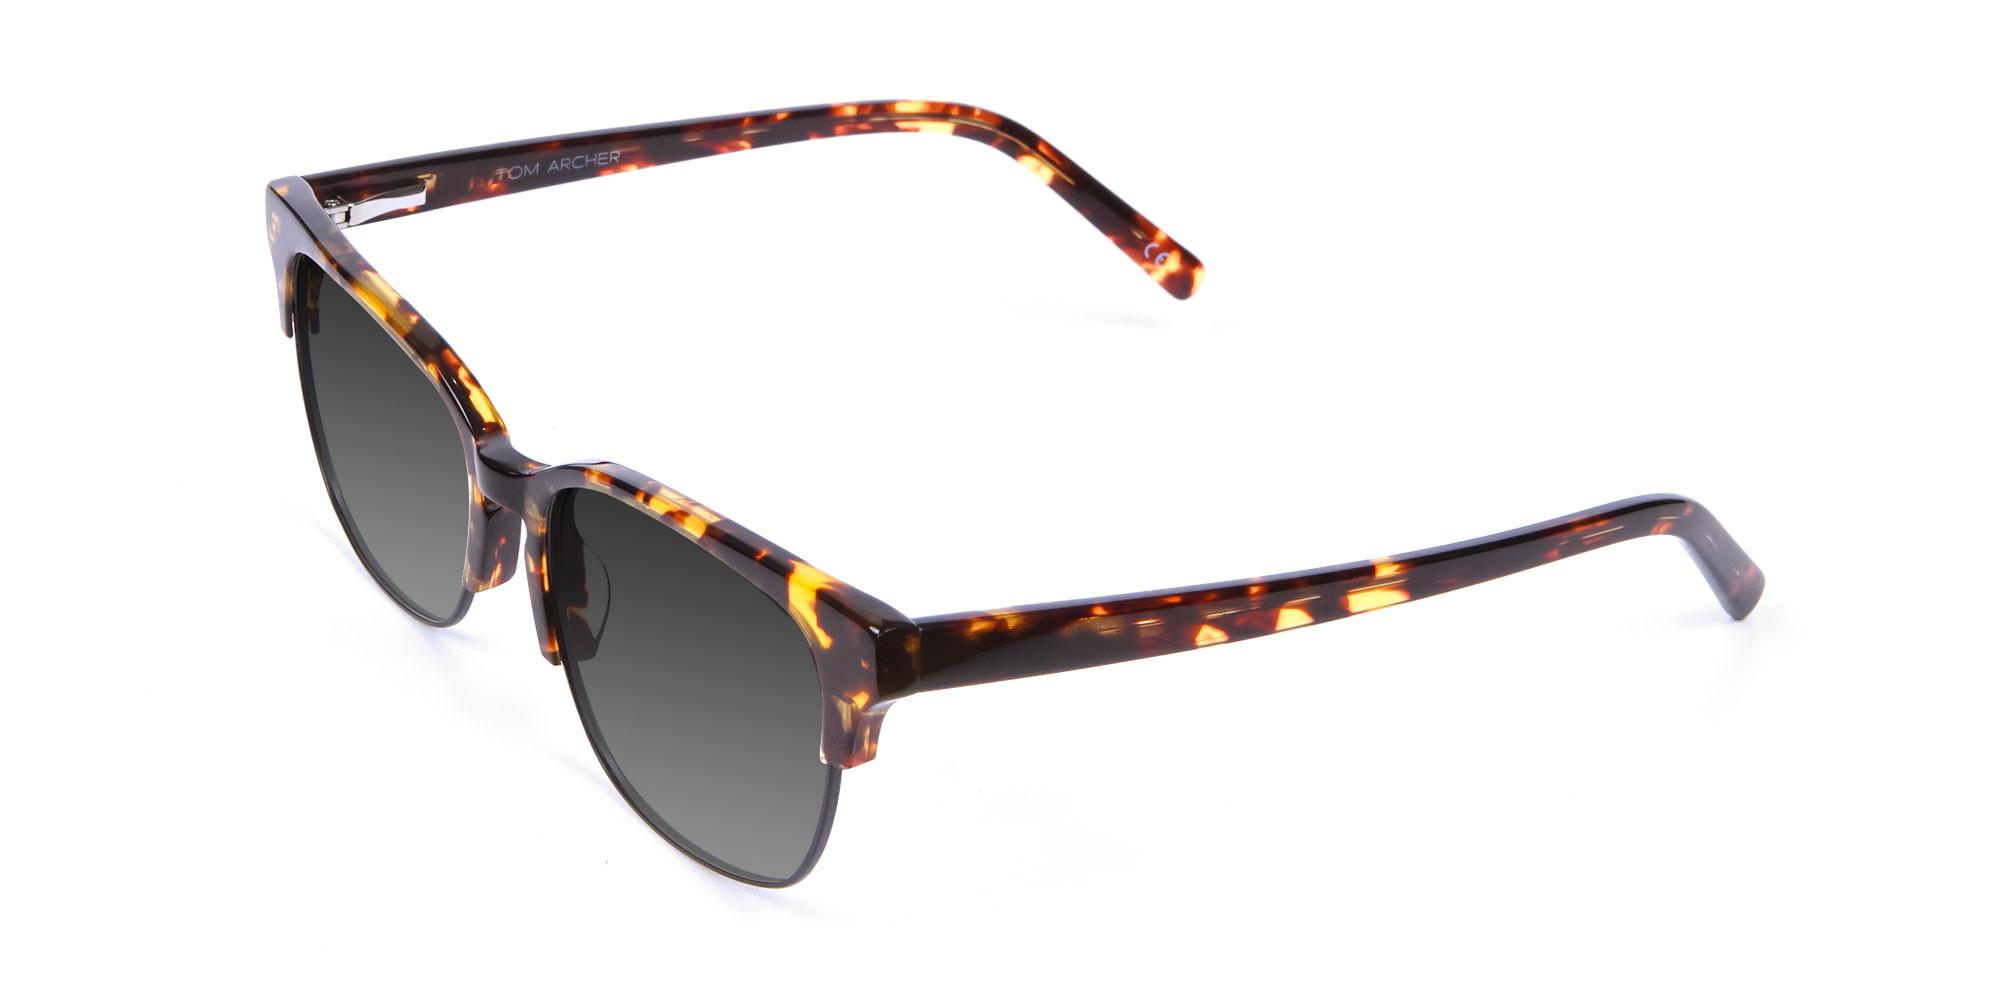 Men's Rectangular Tortoiseshell Sunglasses-3